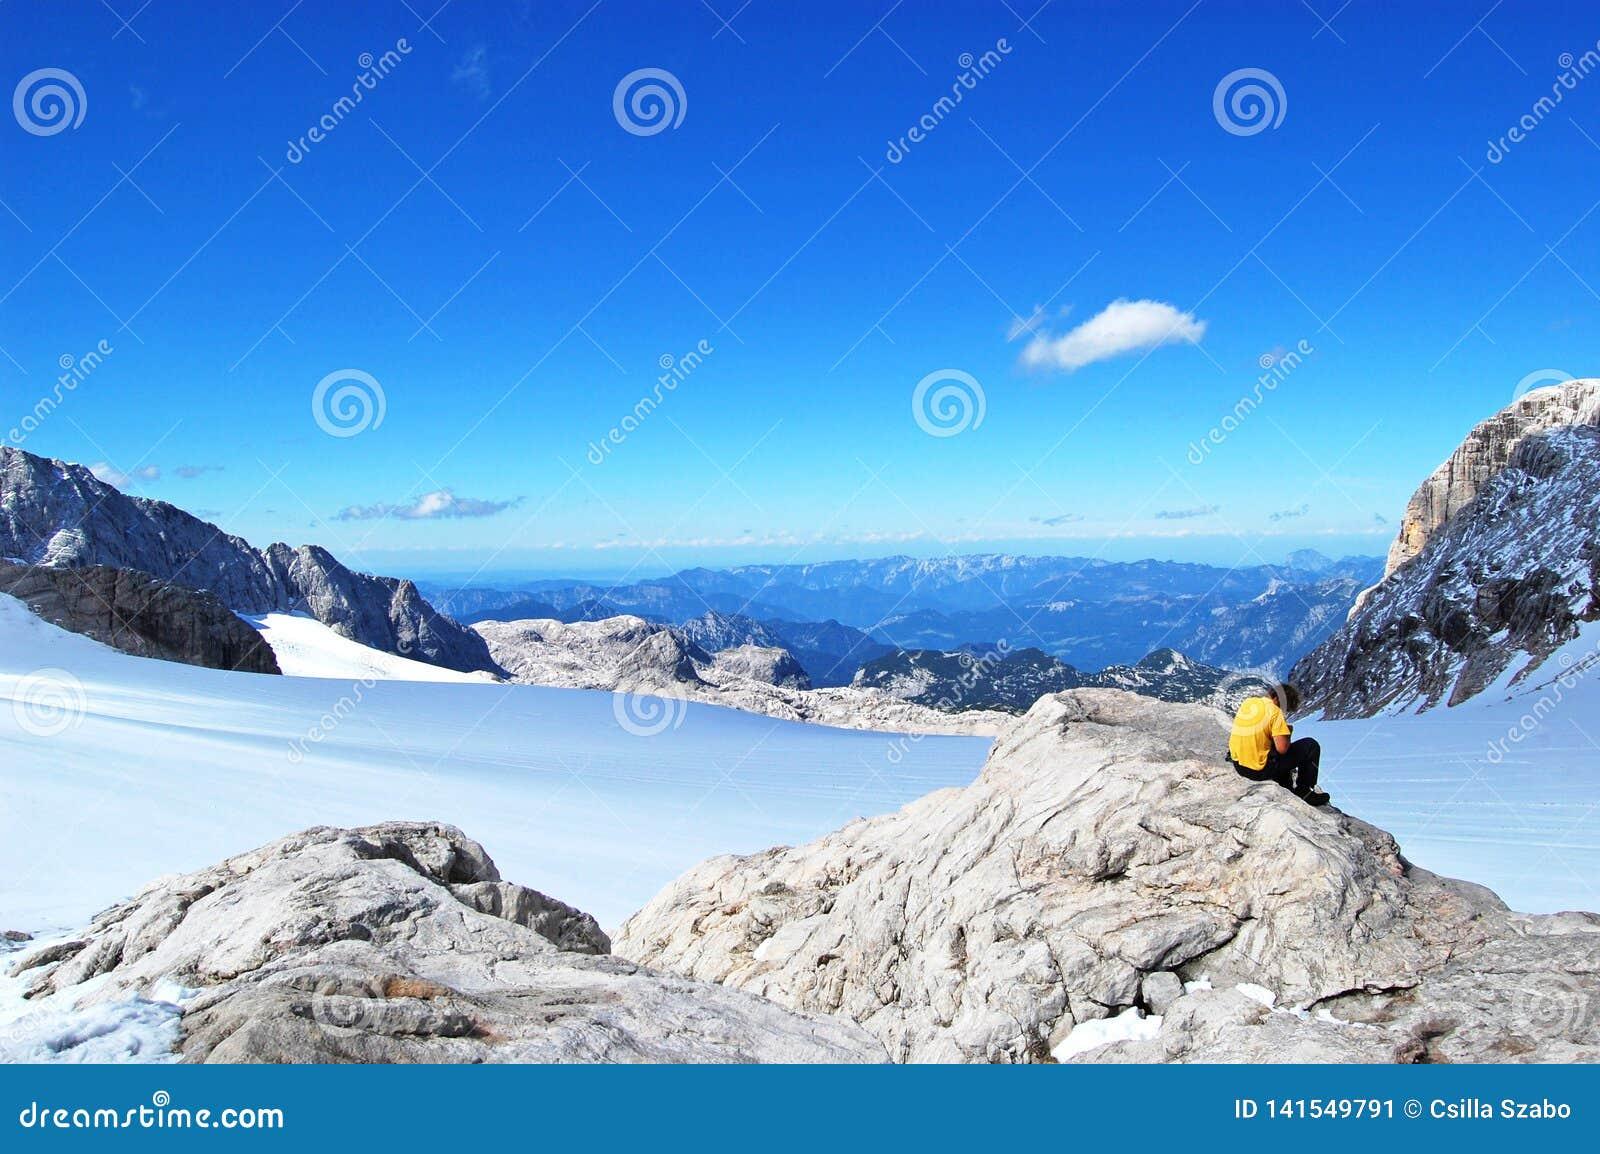 Belleza de la naturaleza, paisaje alpino que sorprende con las rocas, caminando en soporte, cielo azul, nubes, nieve, sol